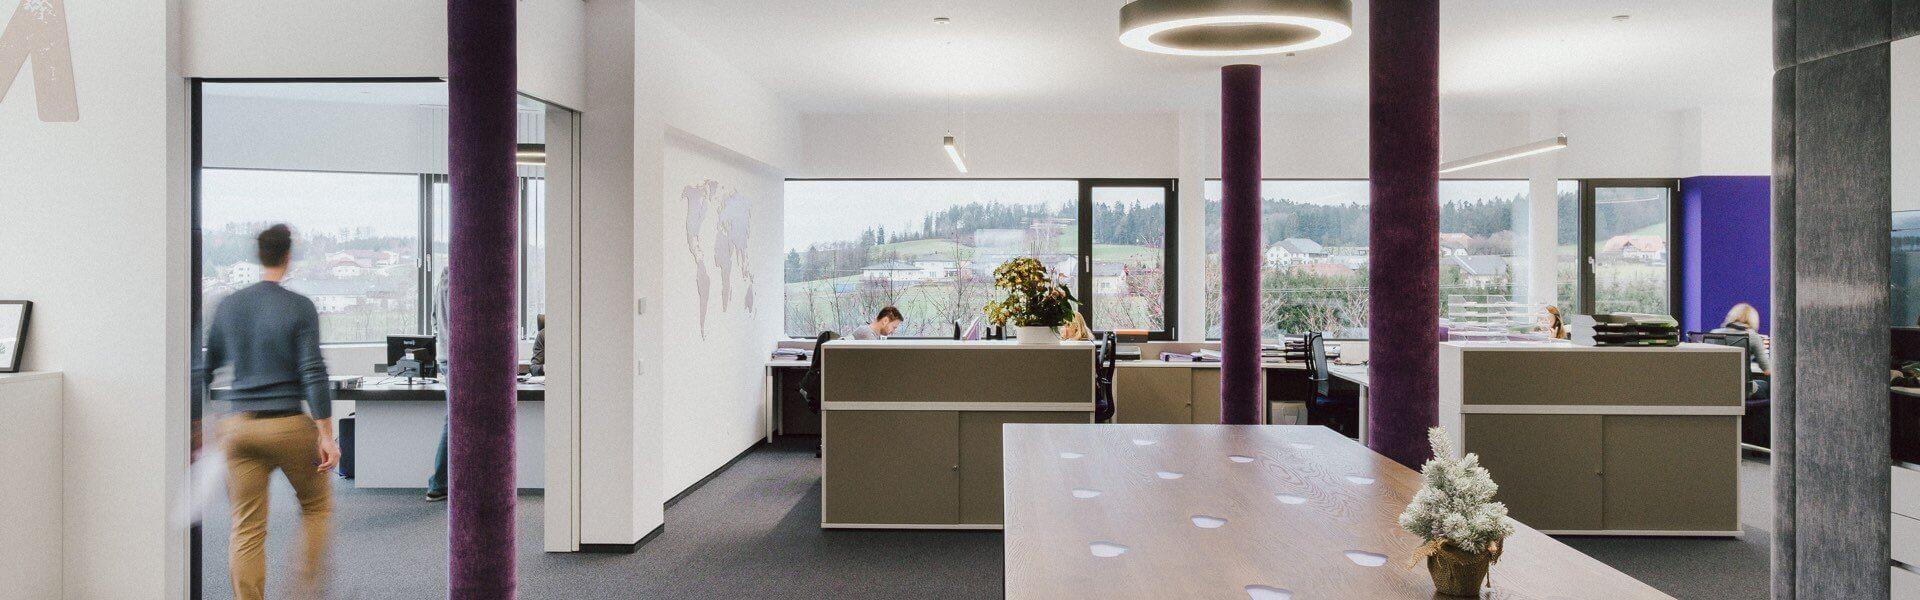 Pohled do chytré kanceláře (smart office)